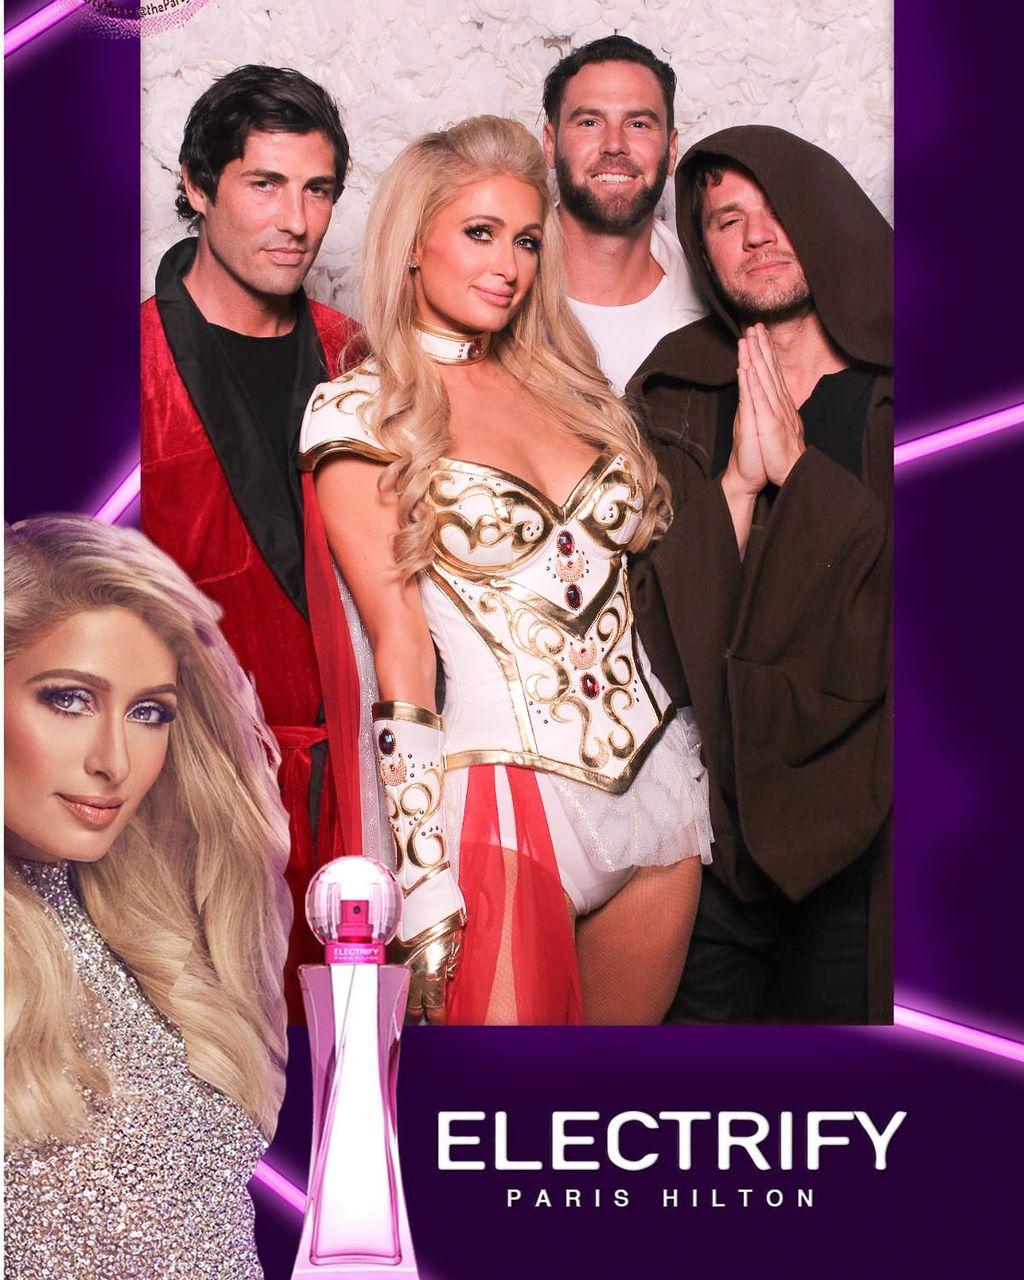 Paris Hilton costume party